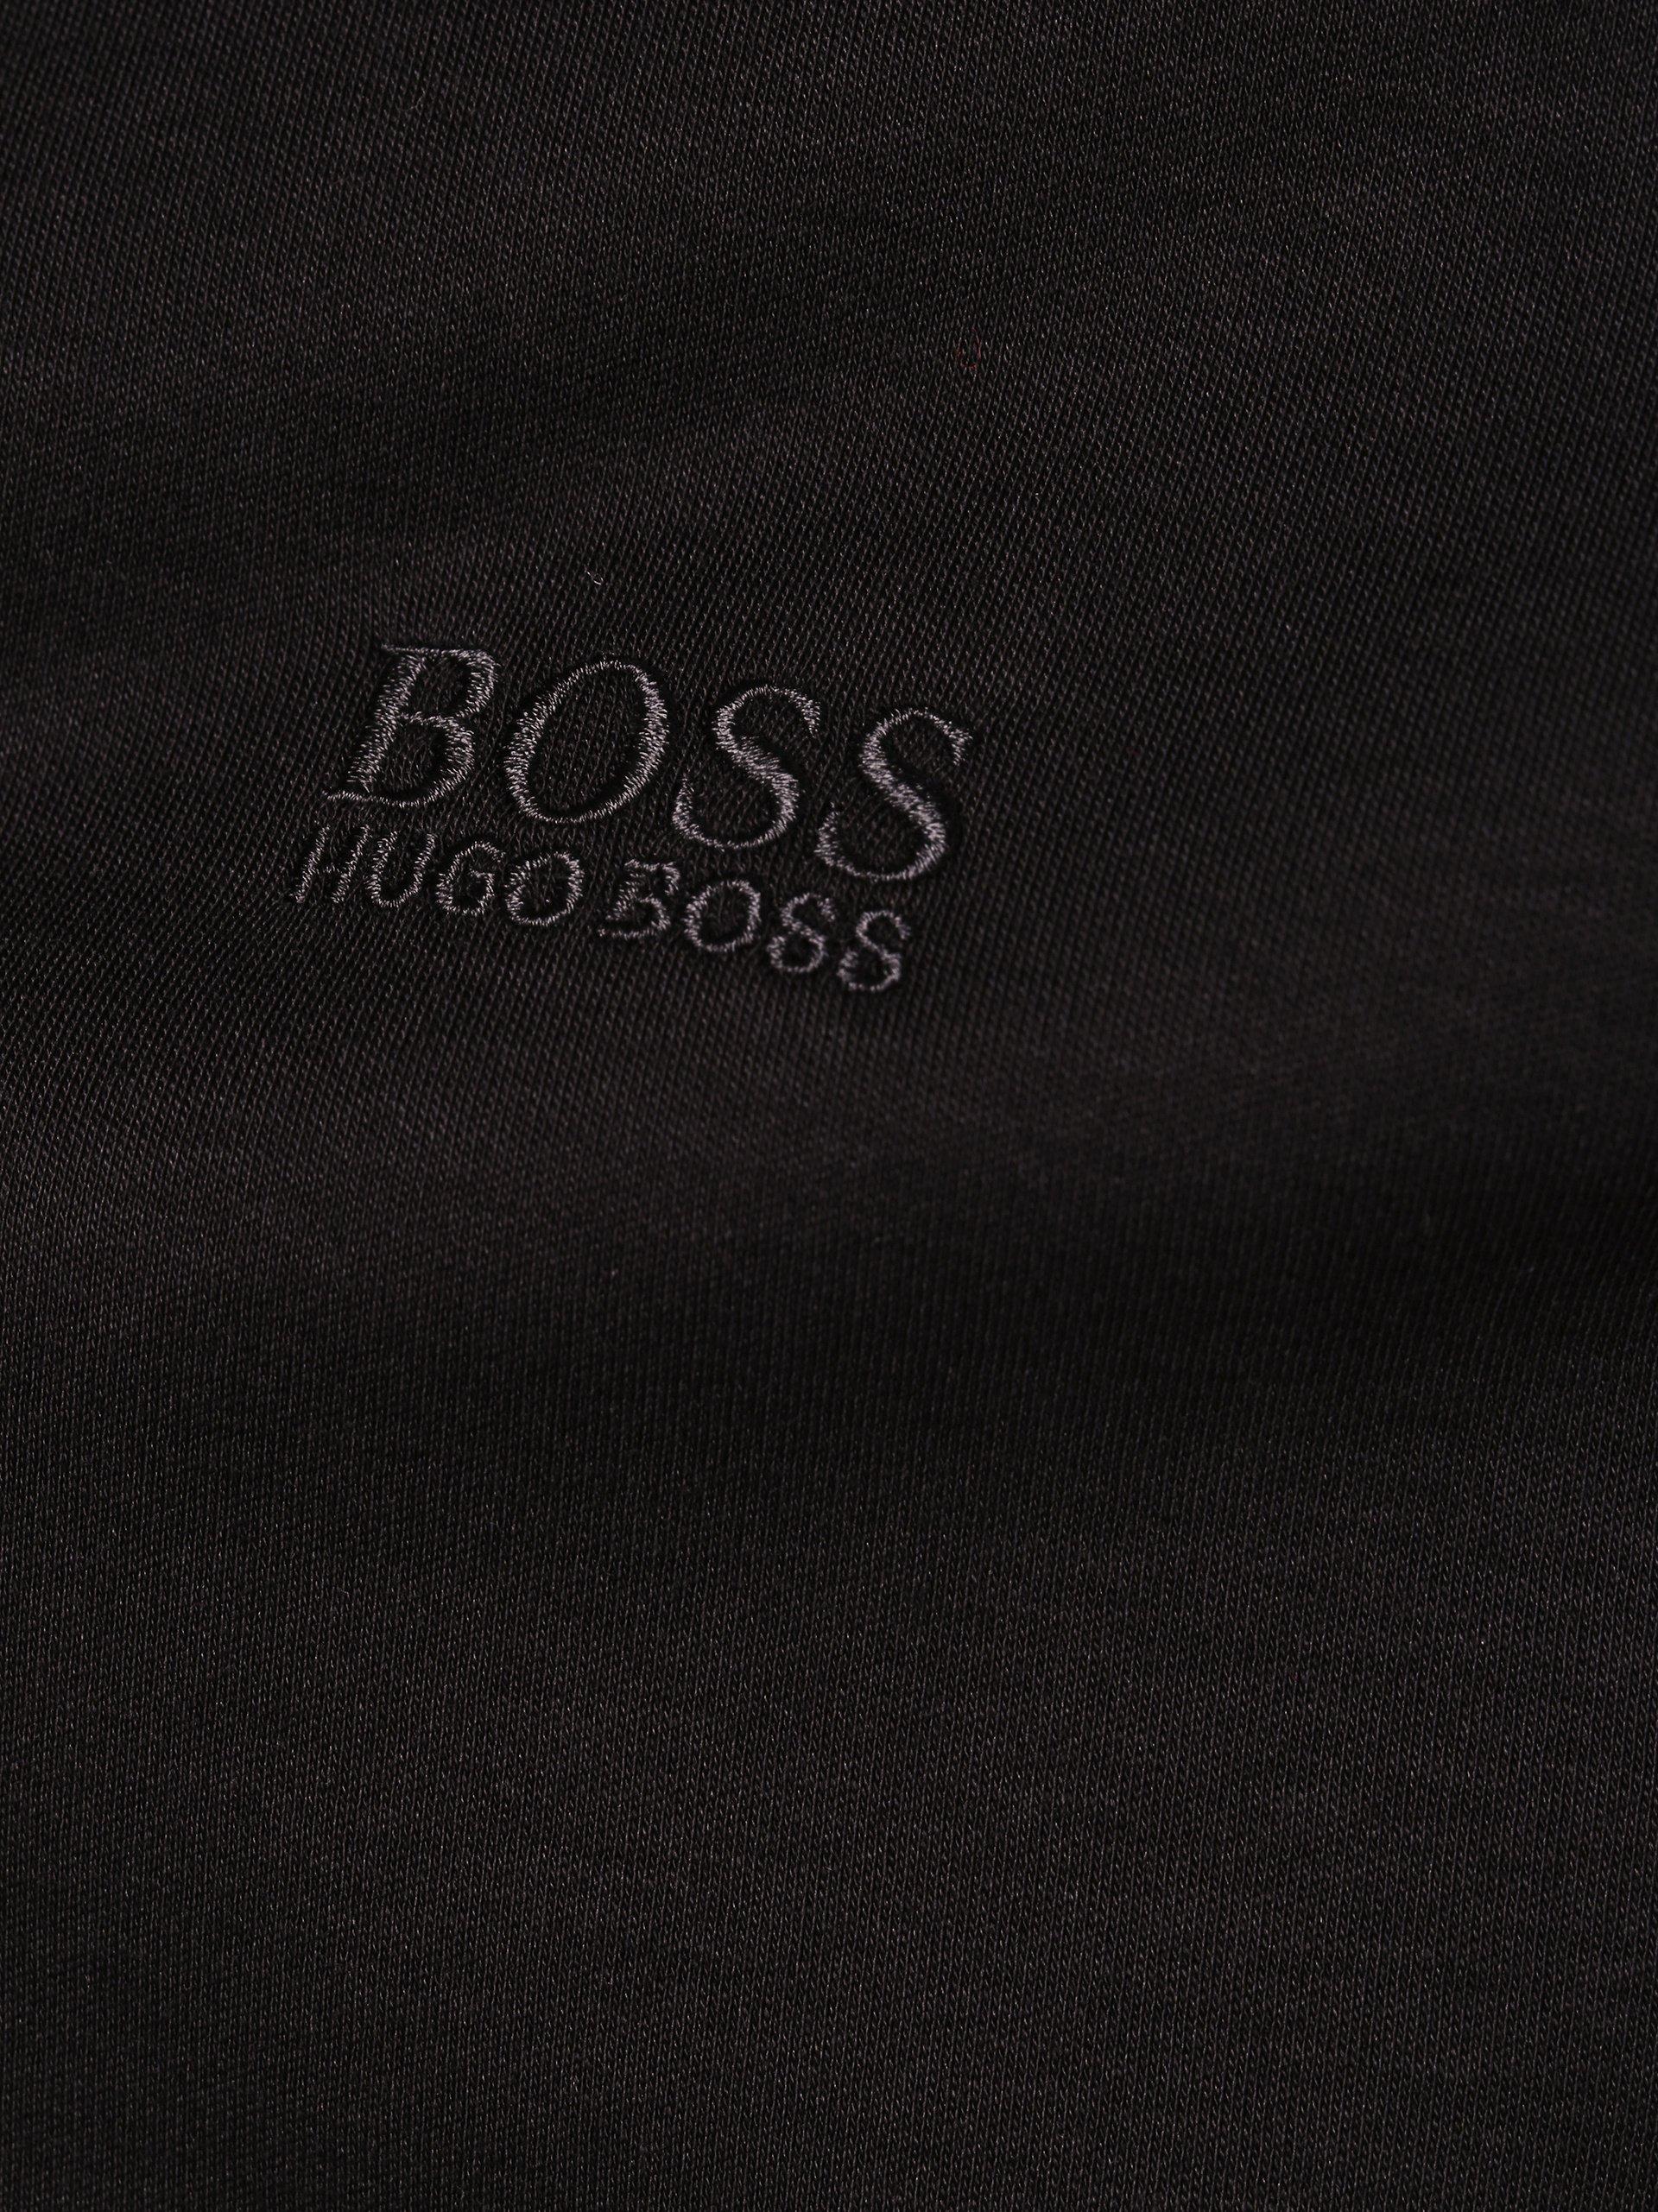 Athleisurewear von BOSS Herren Poloshirt - Pirol